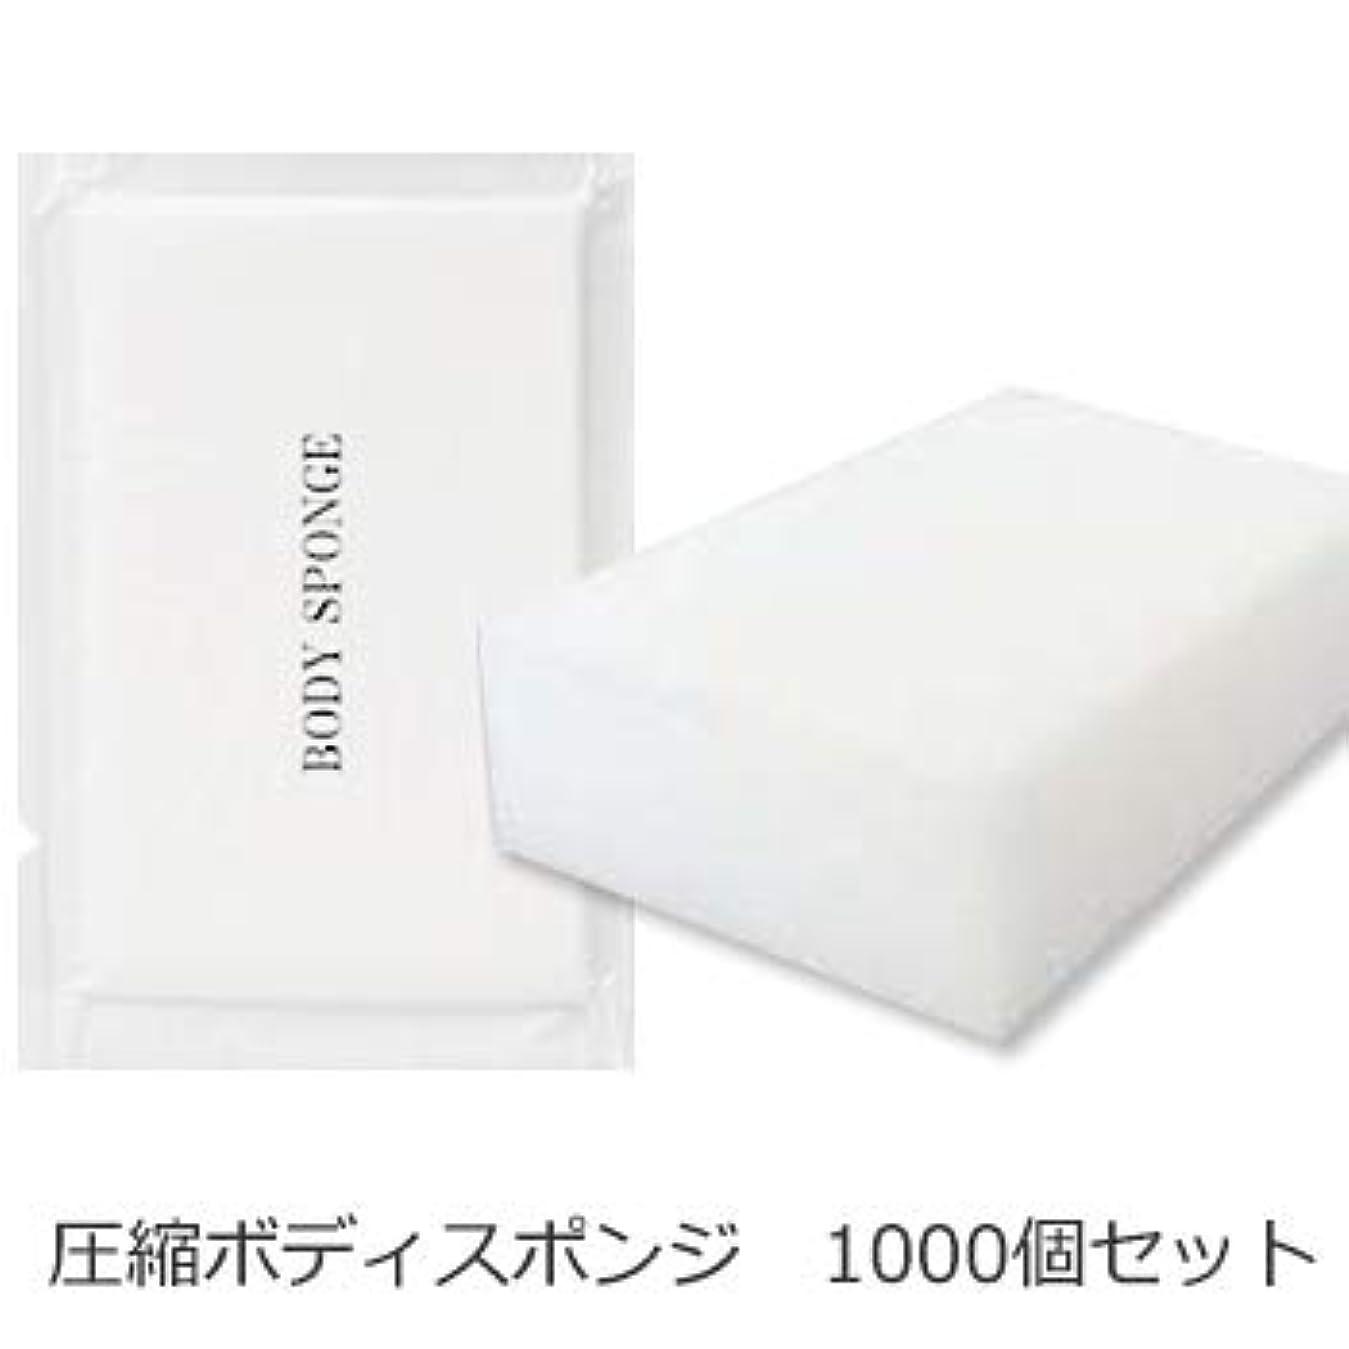 オーロック恥合理的ボディスポンジ 海綿タイプ 厚み 30mm (1セット1000個入)1個当り11円税別